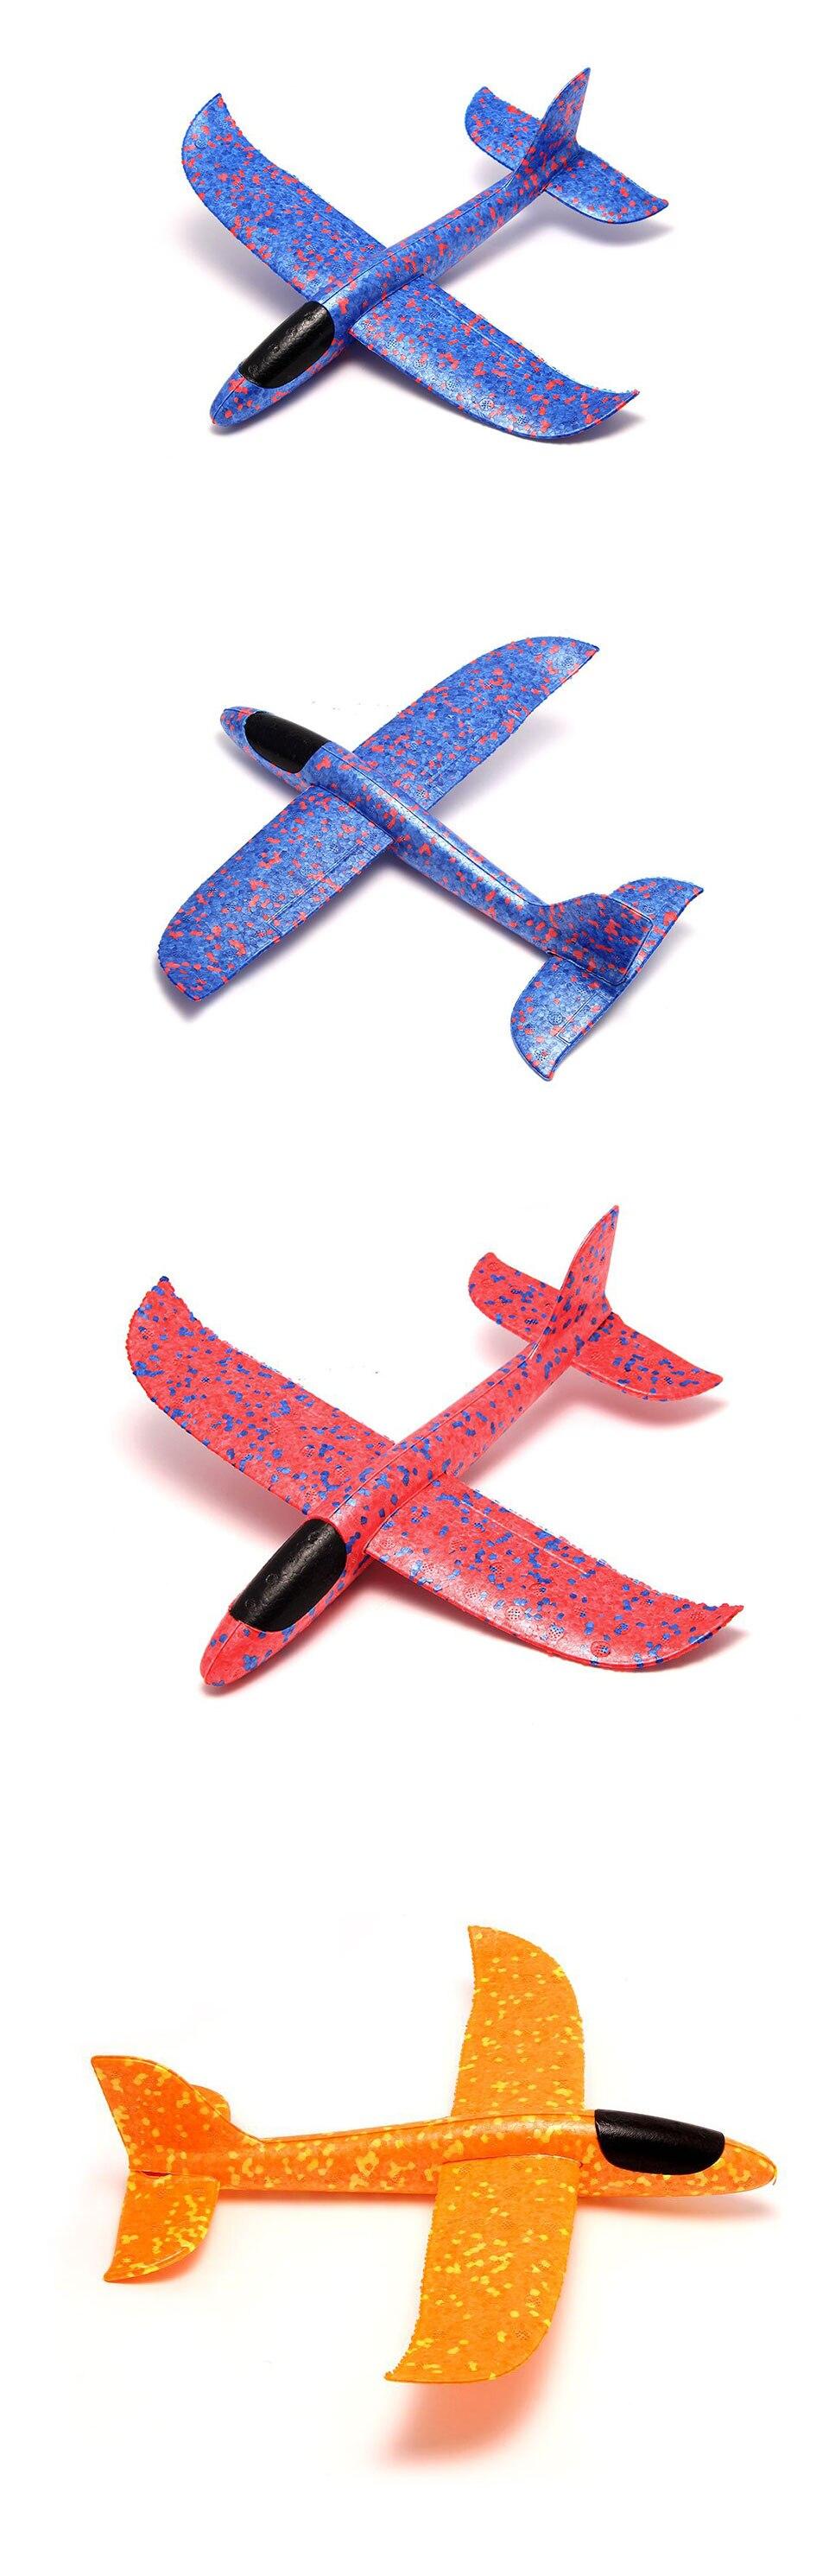 DIY детские игрушки ручной бросок Летающий планер самолеты пенопластовый самолет модель партии мешок наполнители Летающий планер самолет игрушки для детской игры